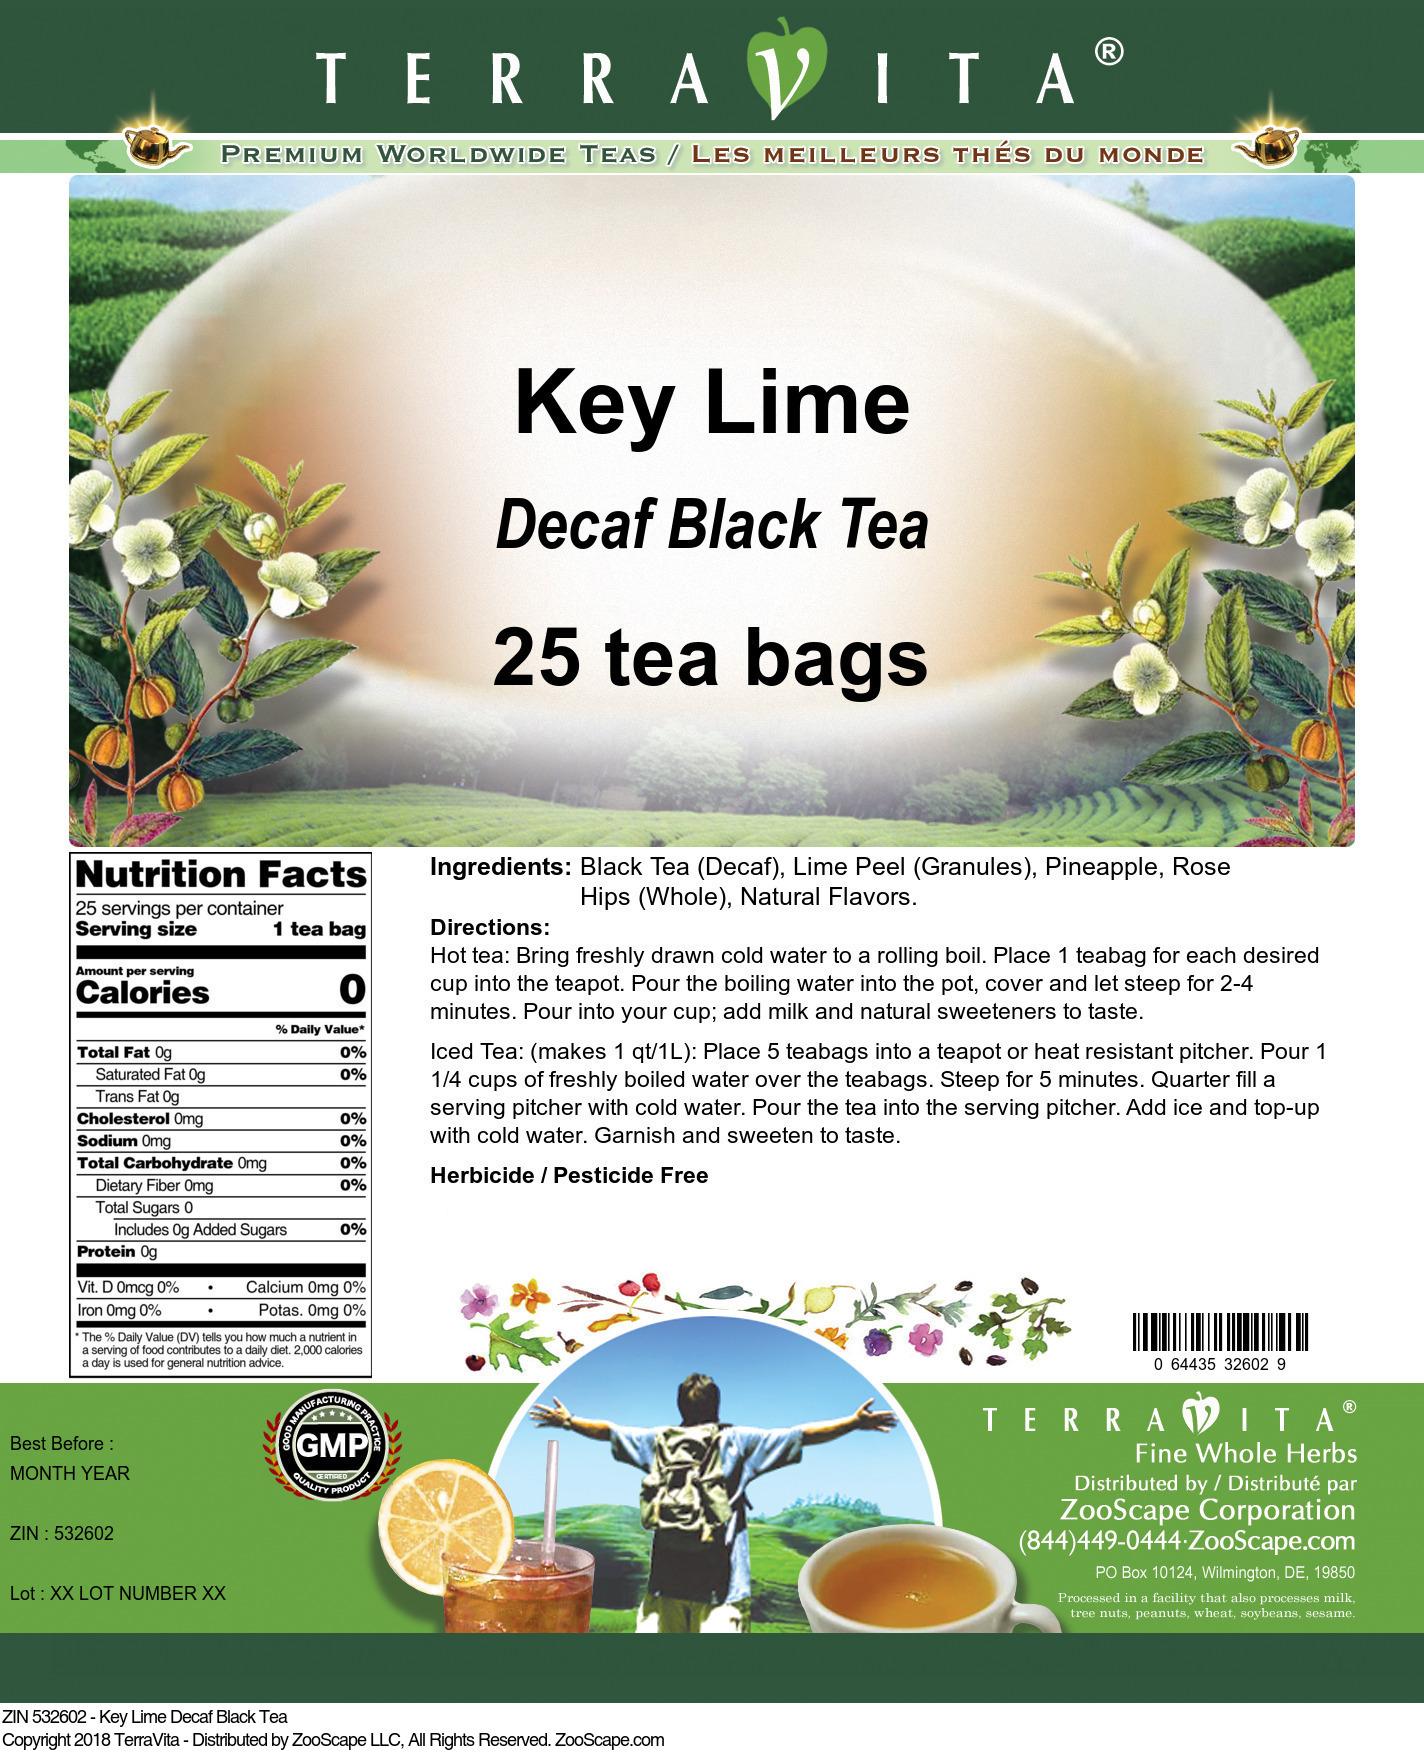 Key Lime Decaf Black Tea